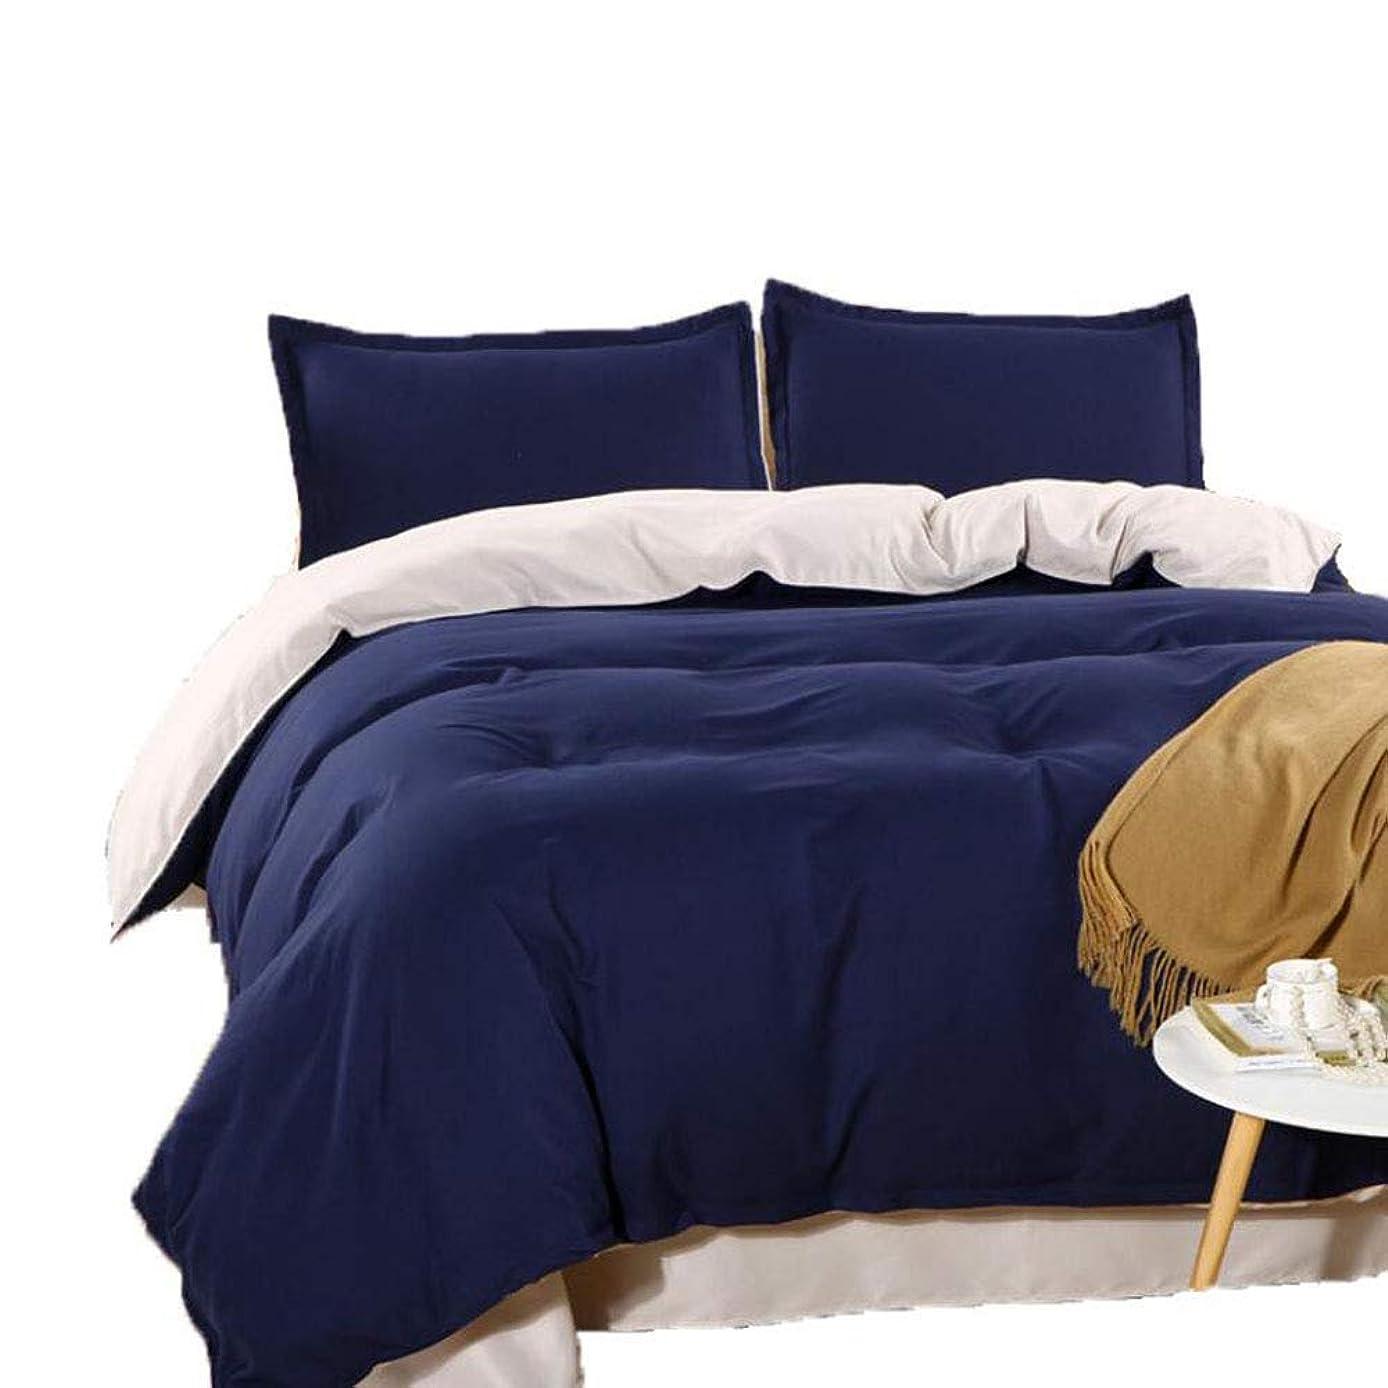 可能にするルーム嘆く寝具-ソリッドツイルブラッシュ4ピースシート-フィット 1.5 m (5ft) ベッド-ネイビー